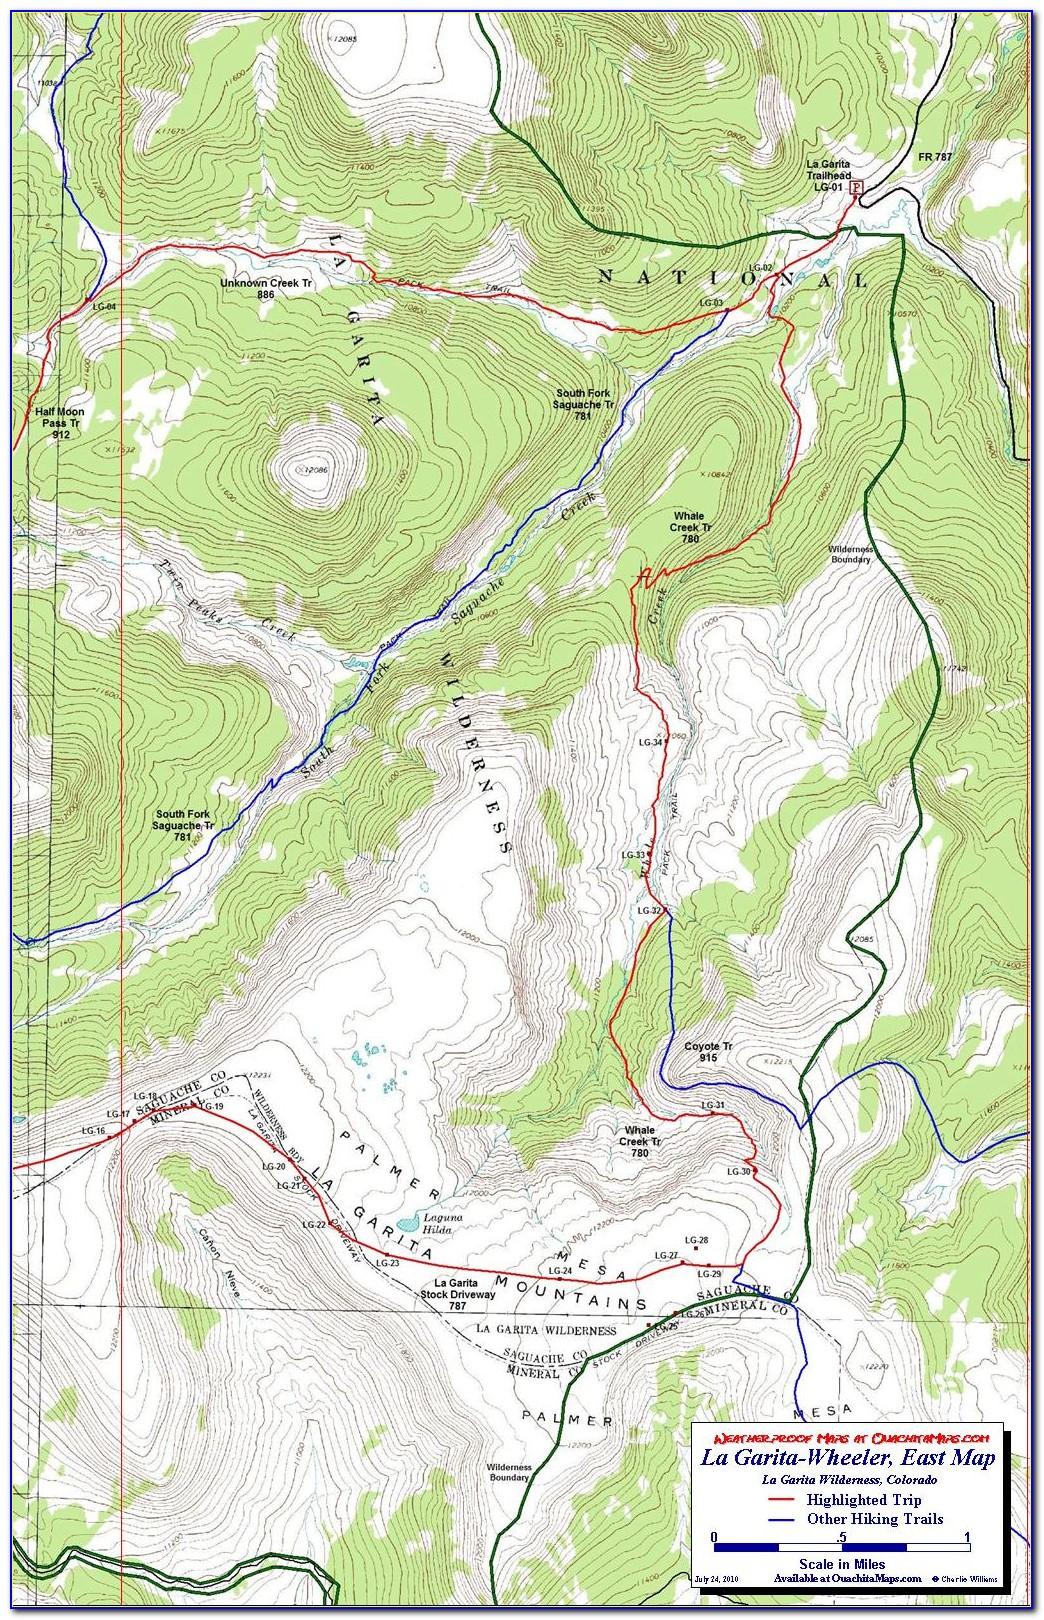 Colorado Topo Maps Online